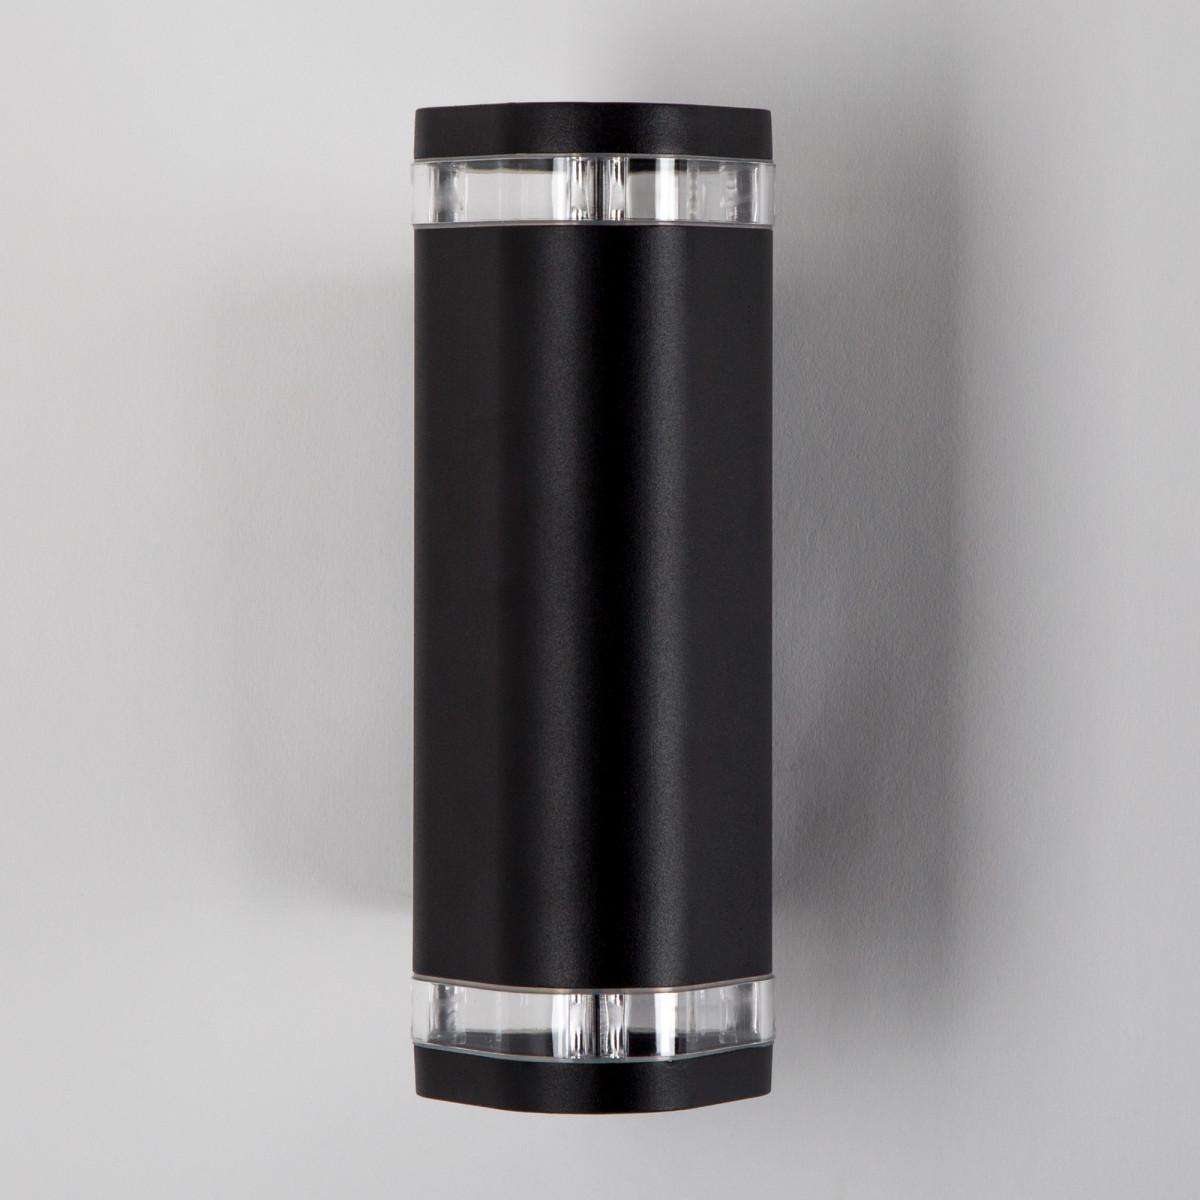 Wandspot moderne wandverlichting, up en downlighter, zwart, prachtig vormgegeven wandverlichting voor buiten, KS kwaliteitsverlichting